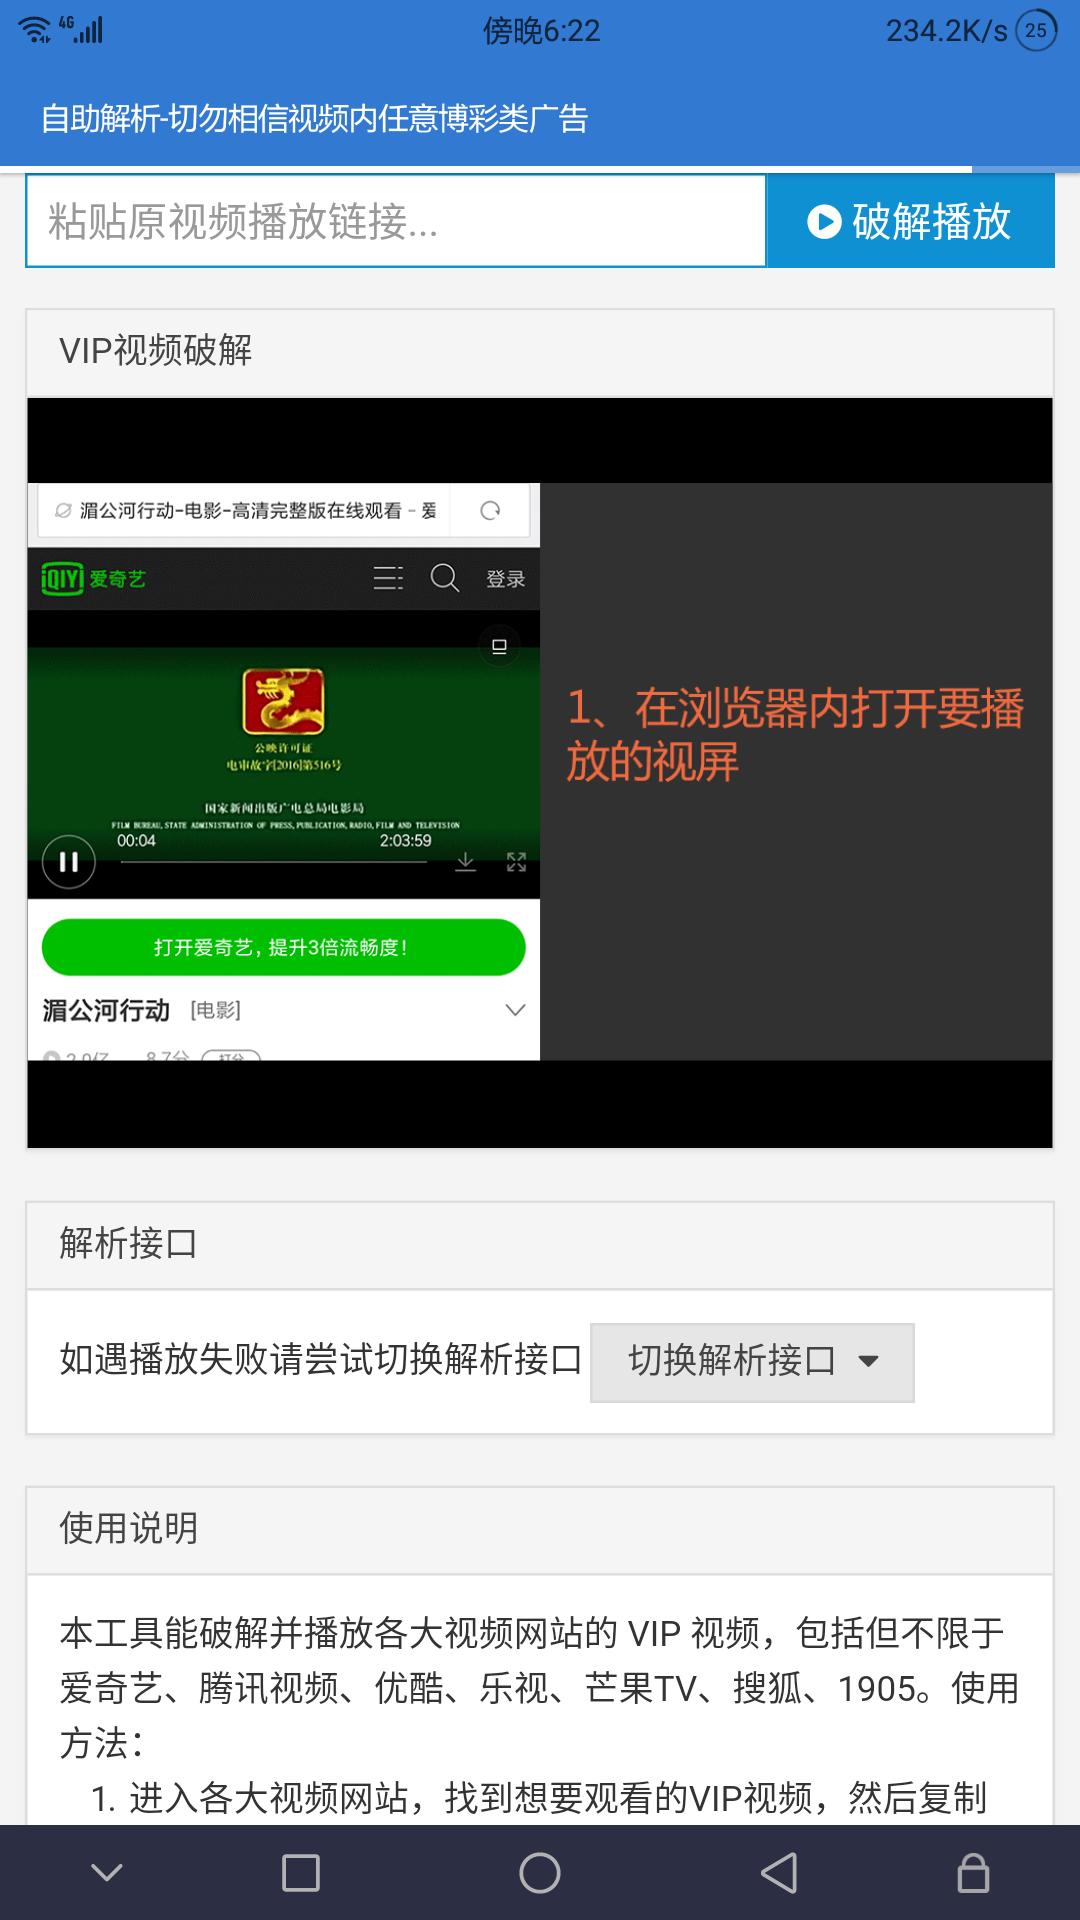 爱玩影视 App  V 0.3.0 免费观看全网视频